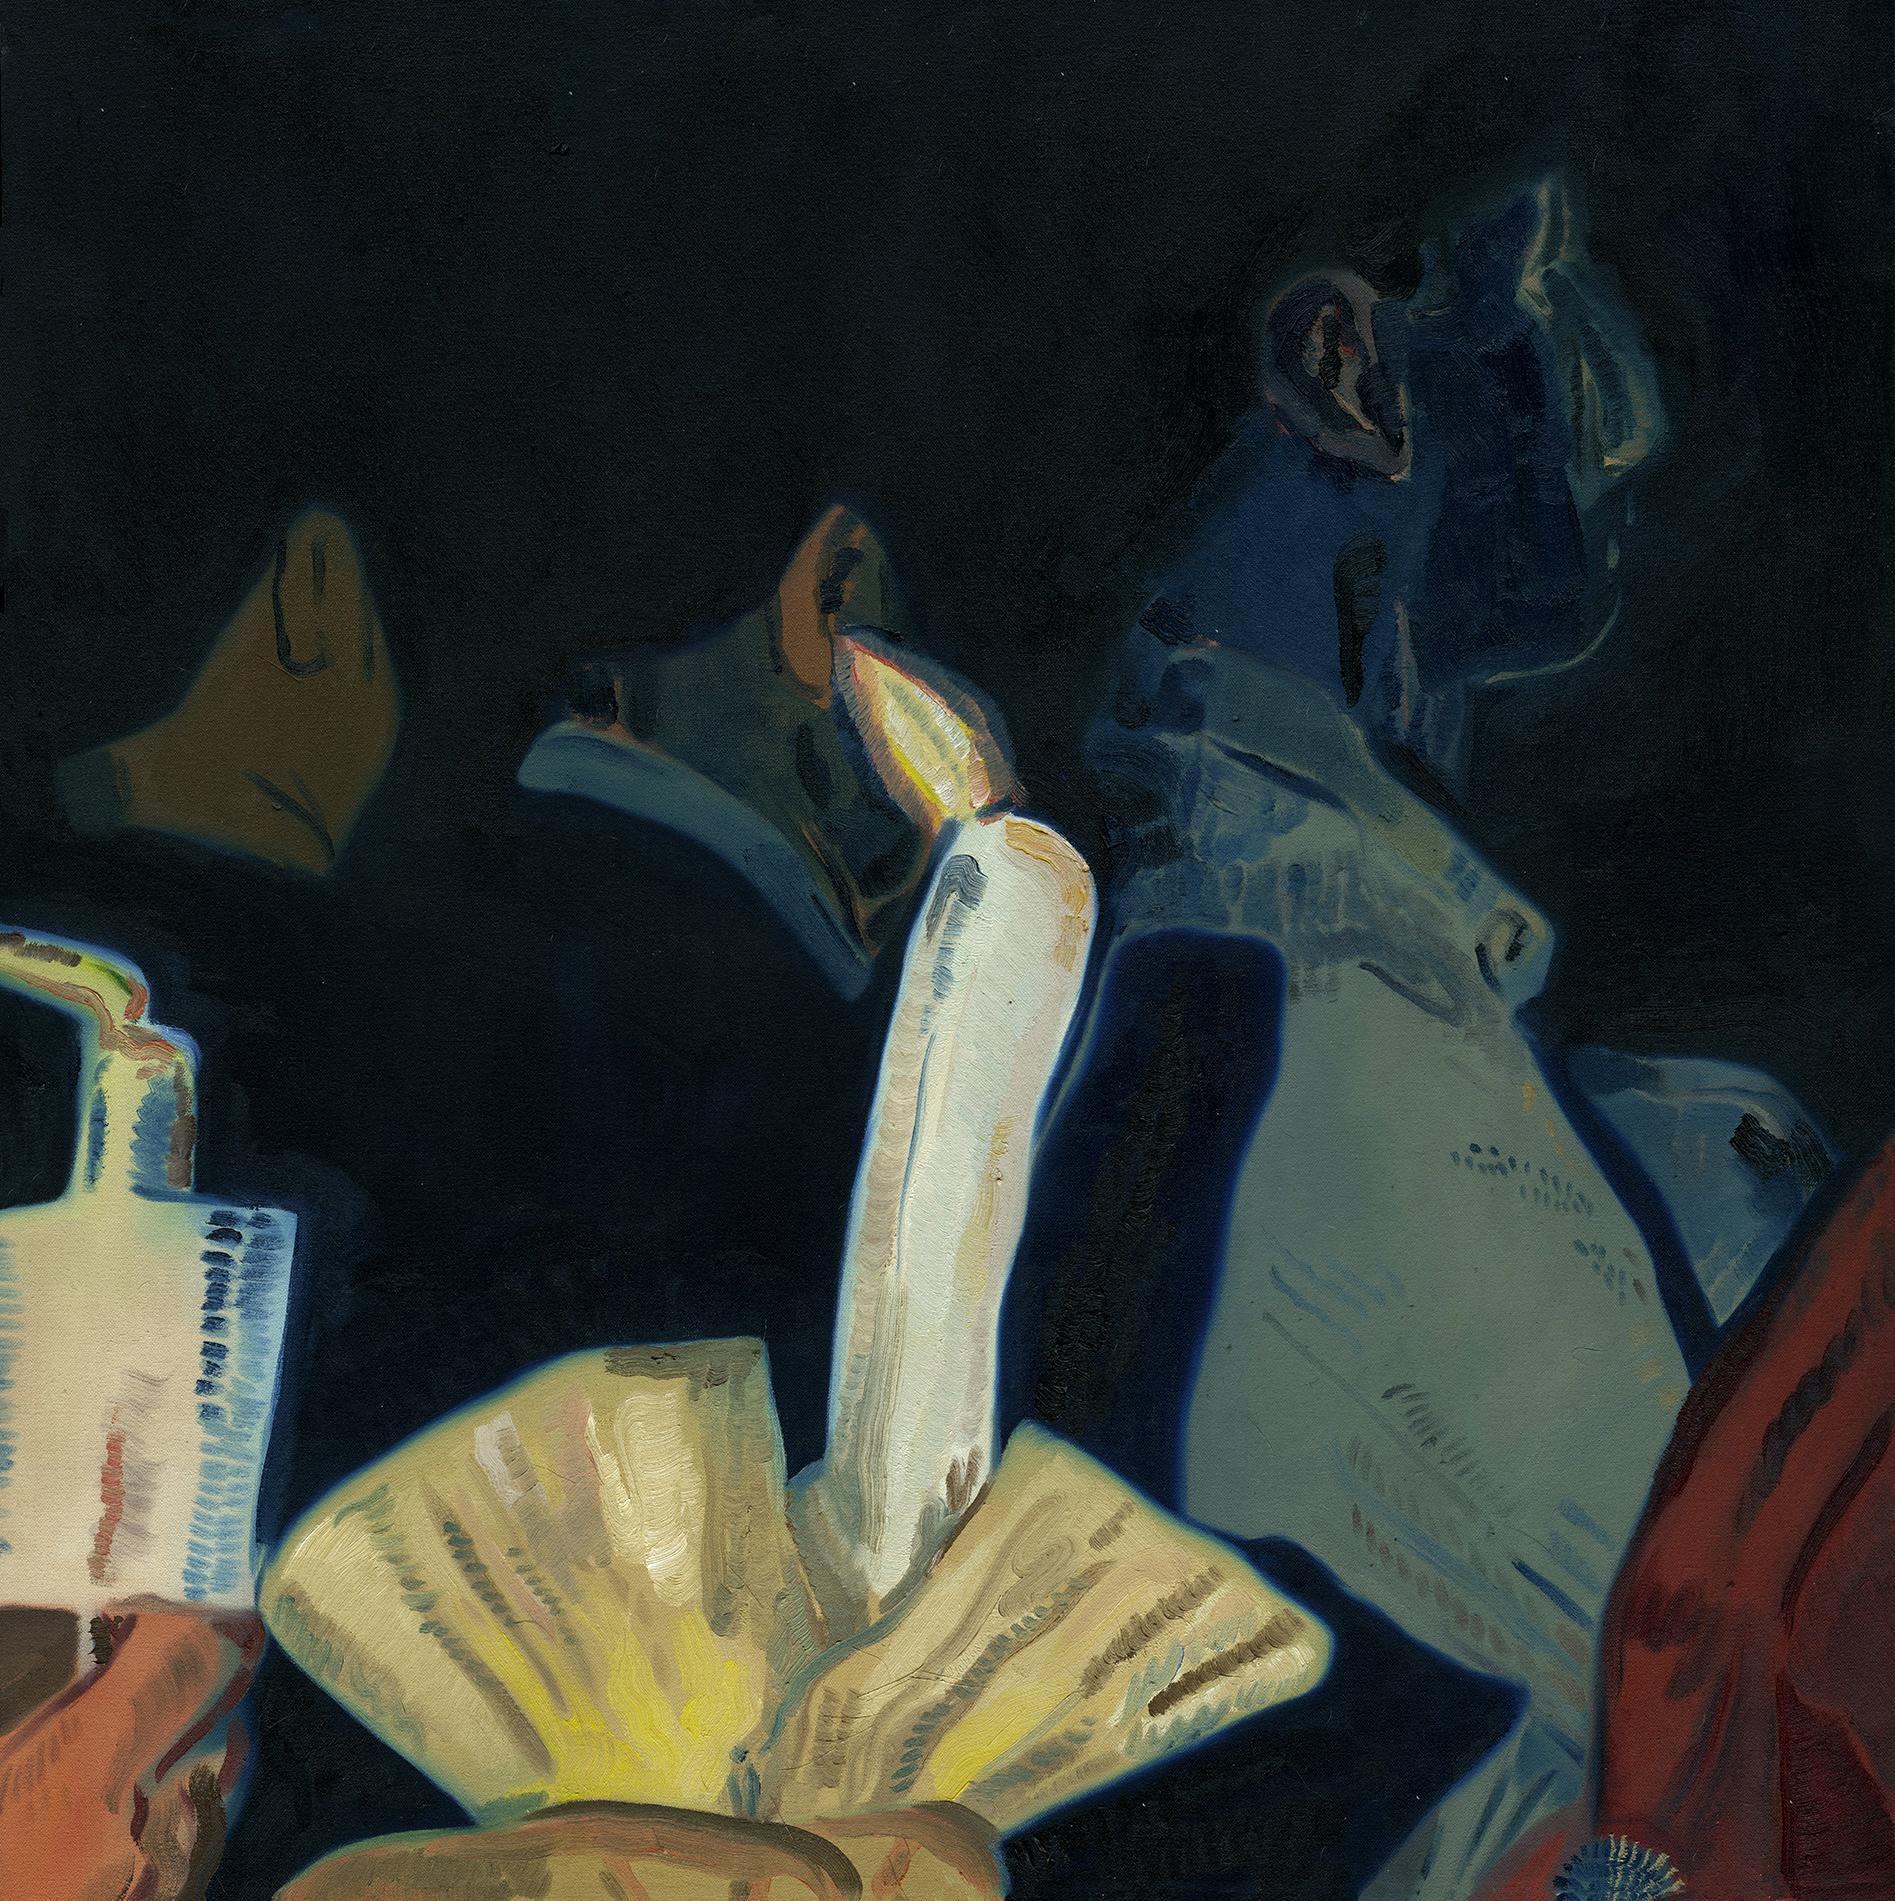 Anthony Cudahy,Vigil 1,2017,oil on canvas,32 x 32 in.